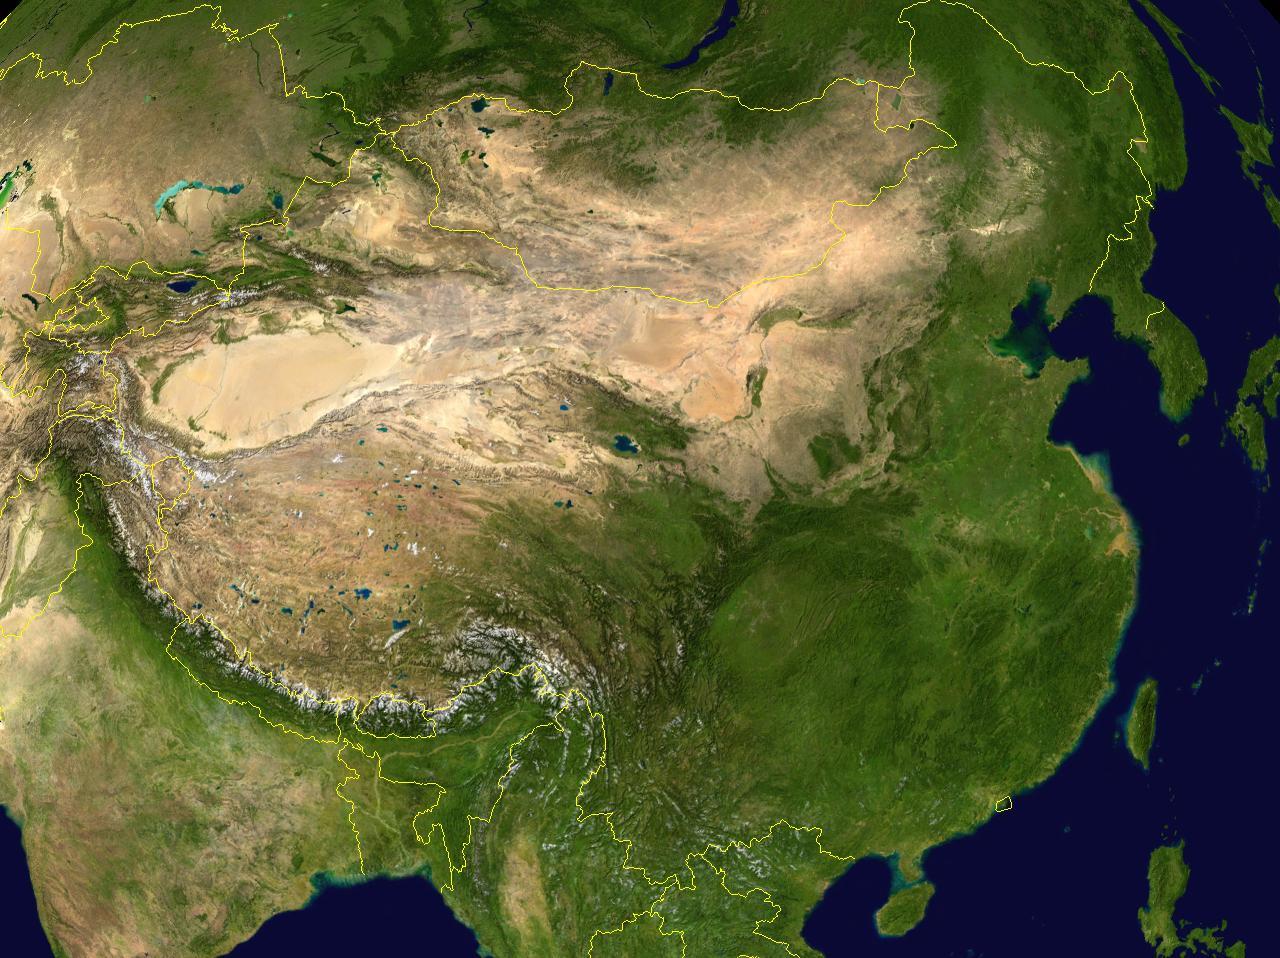 جغرافيا الصين - ويكيبيديا